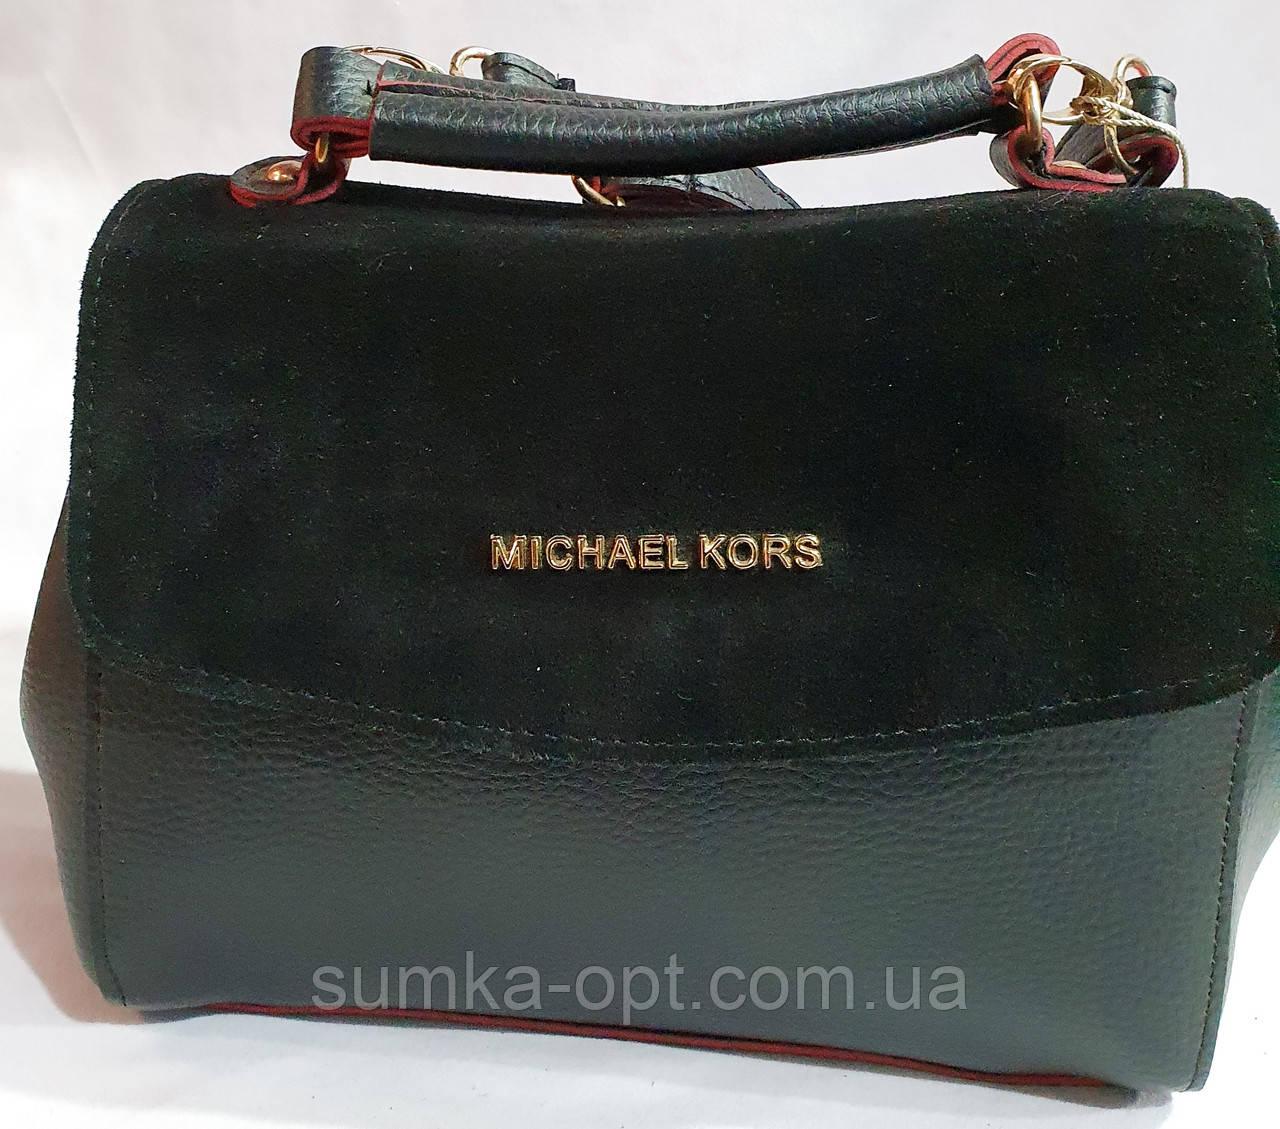 Брендовый женский клатч, сумочка Michael Kors с замшевым клапаном и на молнии 25*18 см (черно-красный)